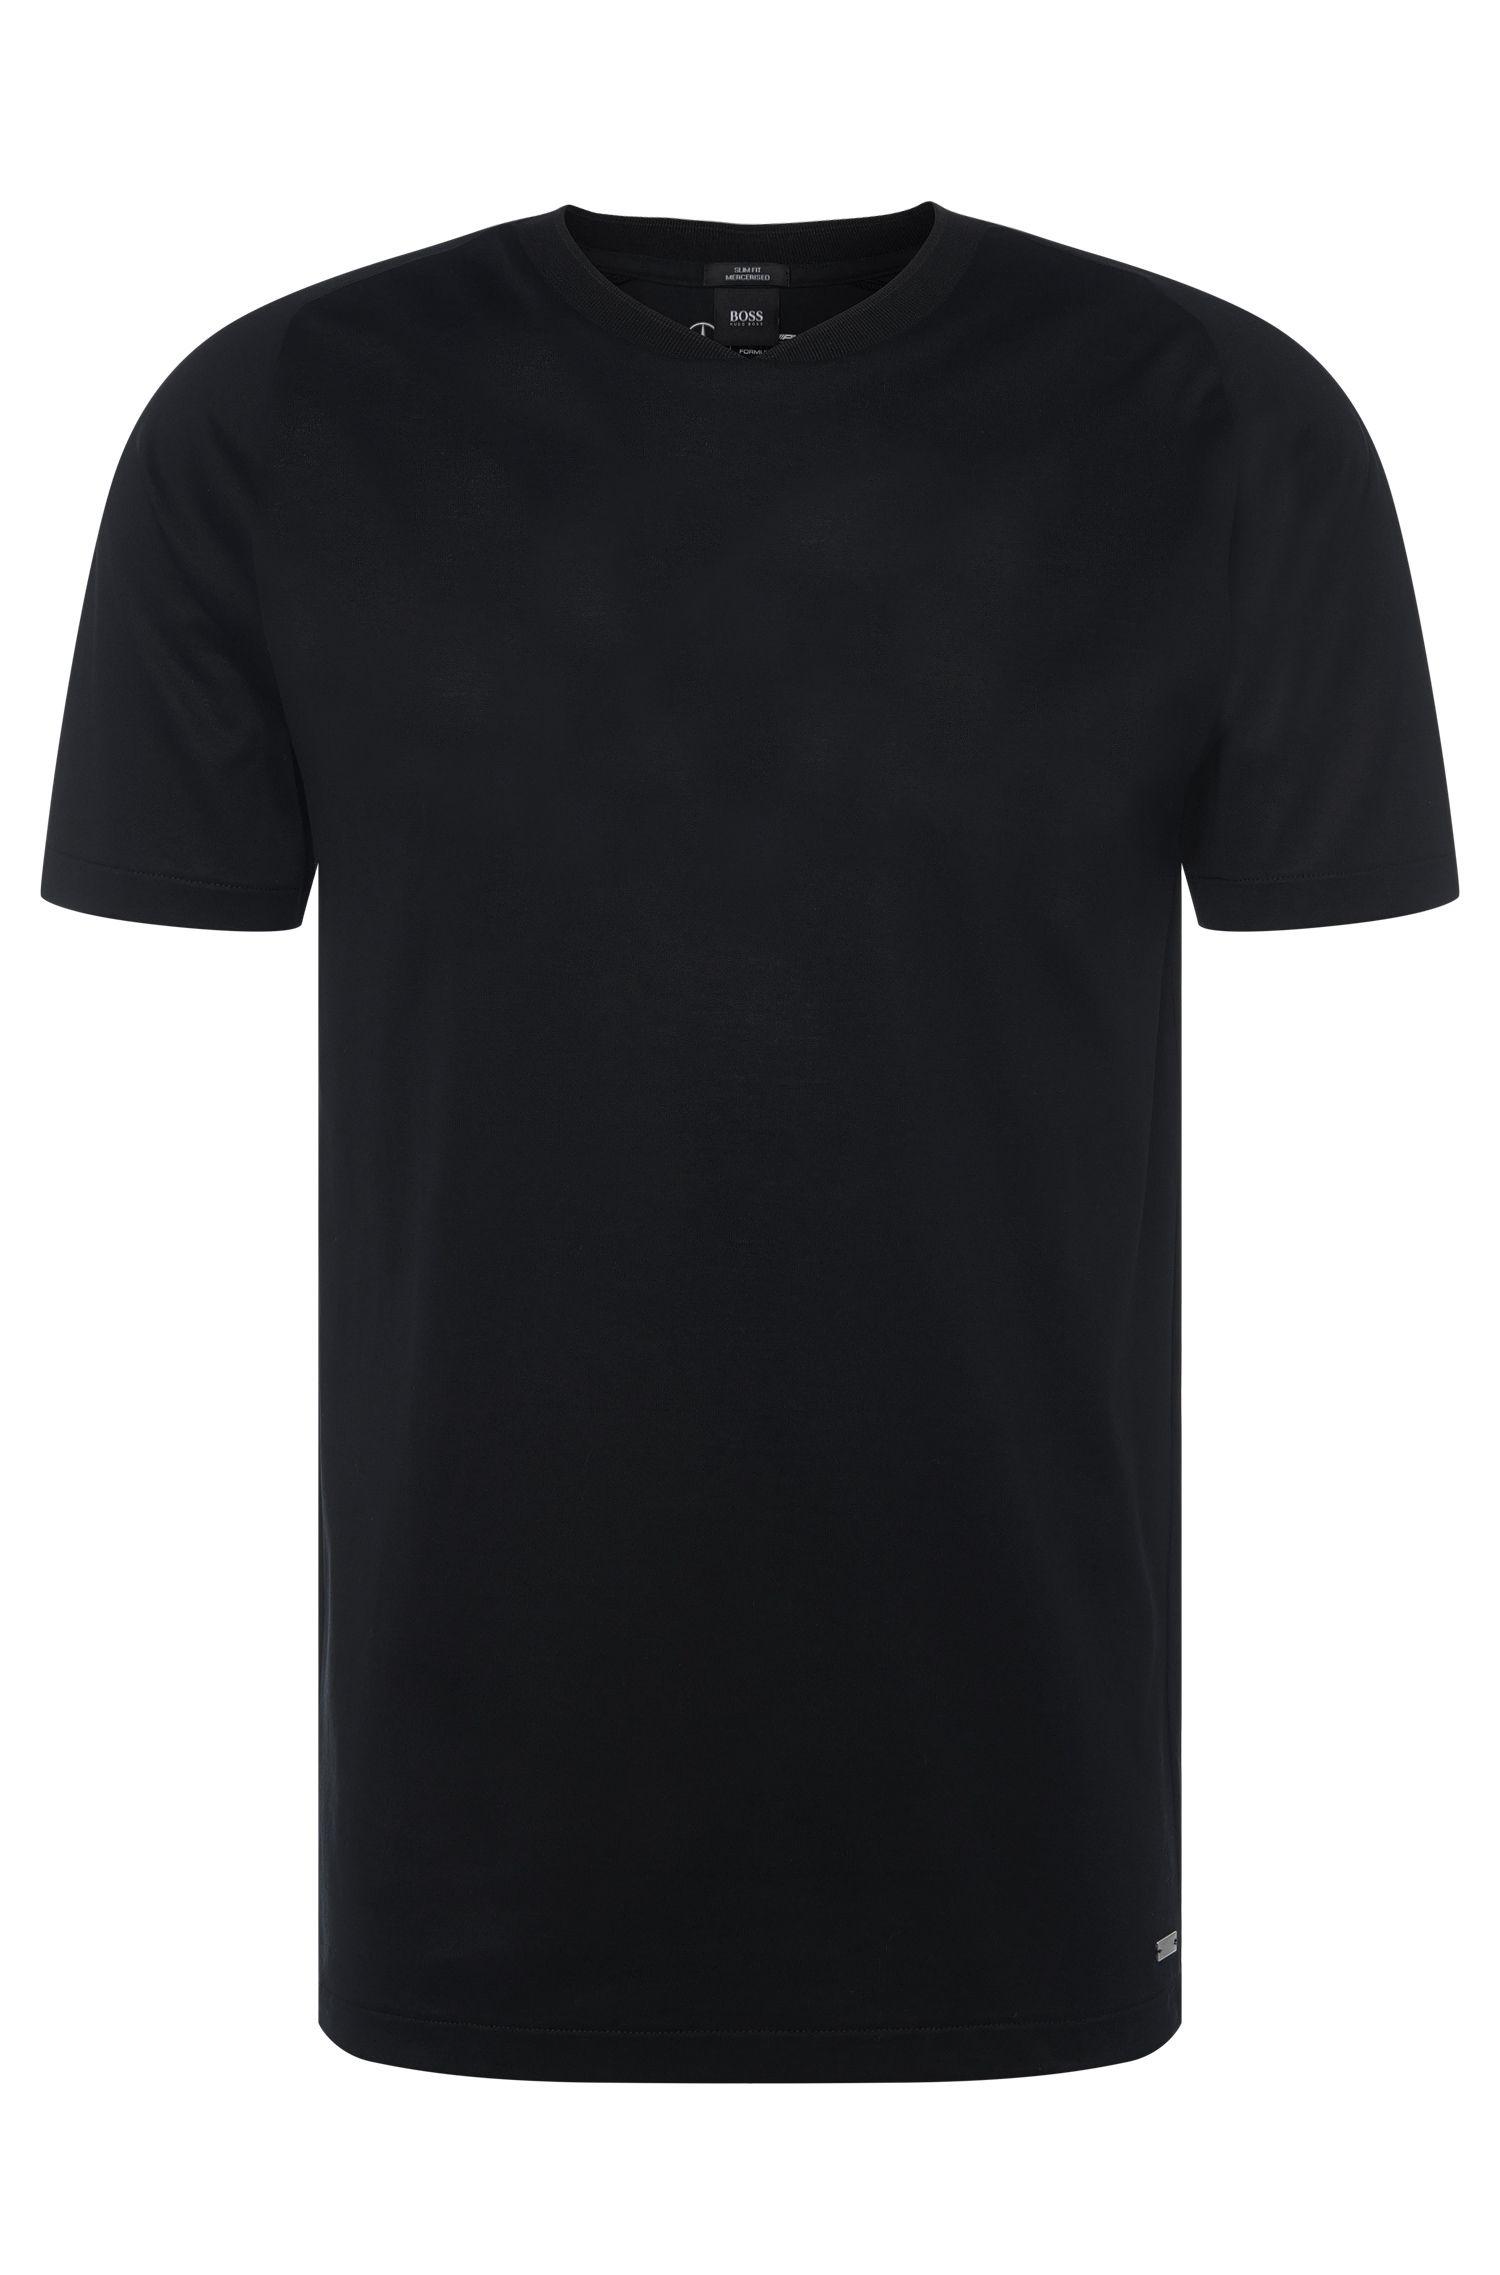 T-shirt slim fit in cotone in tinta unita: 'Tessler 40' dalla collezione Mercedes-Benz